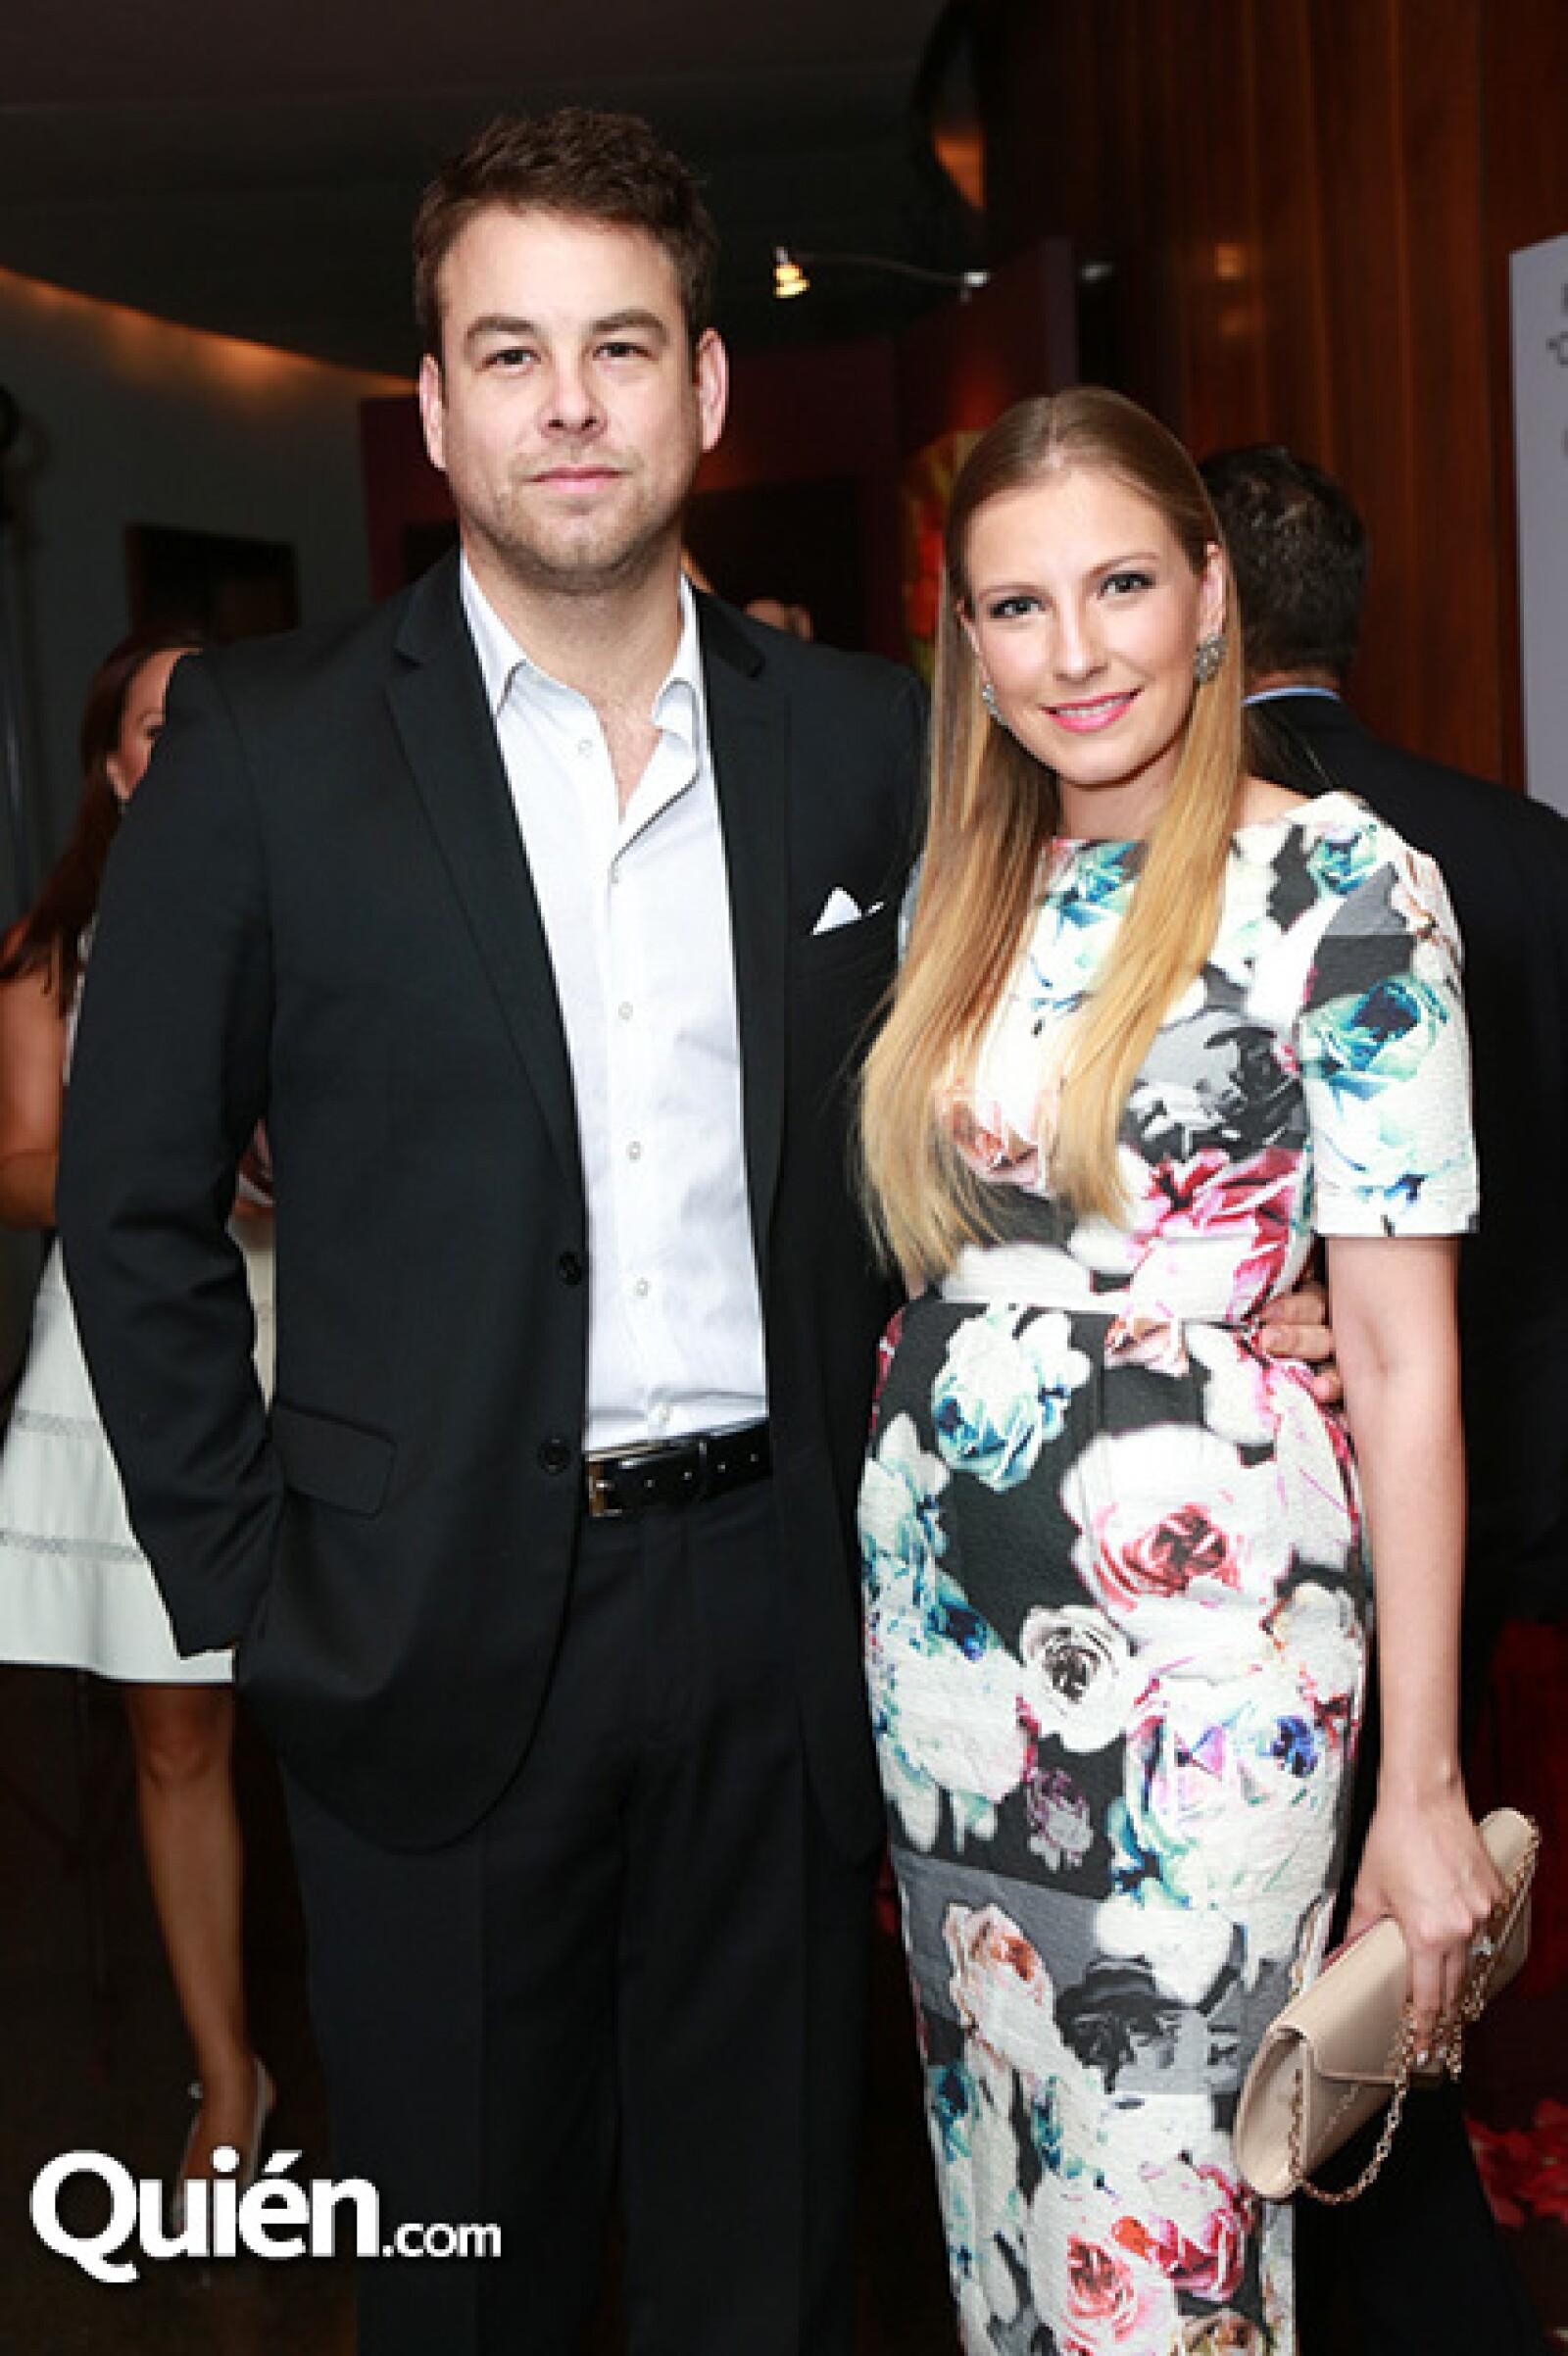 Miguel Maldonado y Andrea Livas de Maldonado